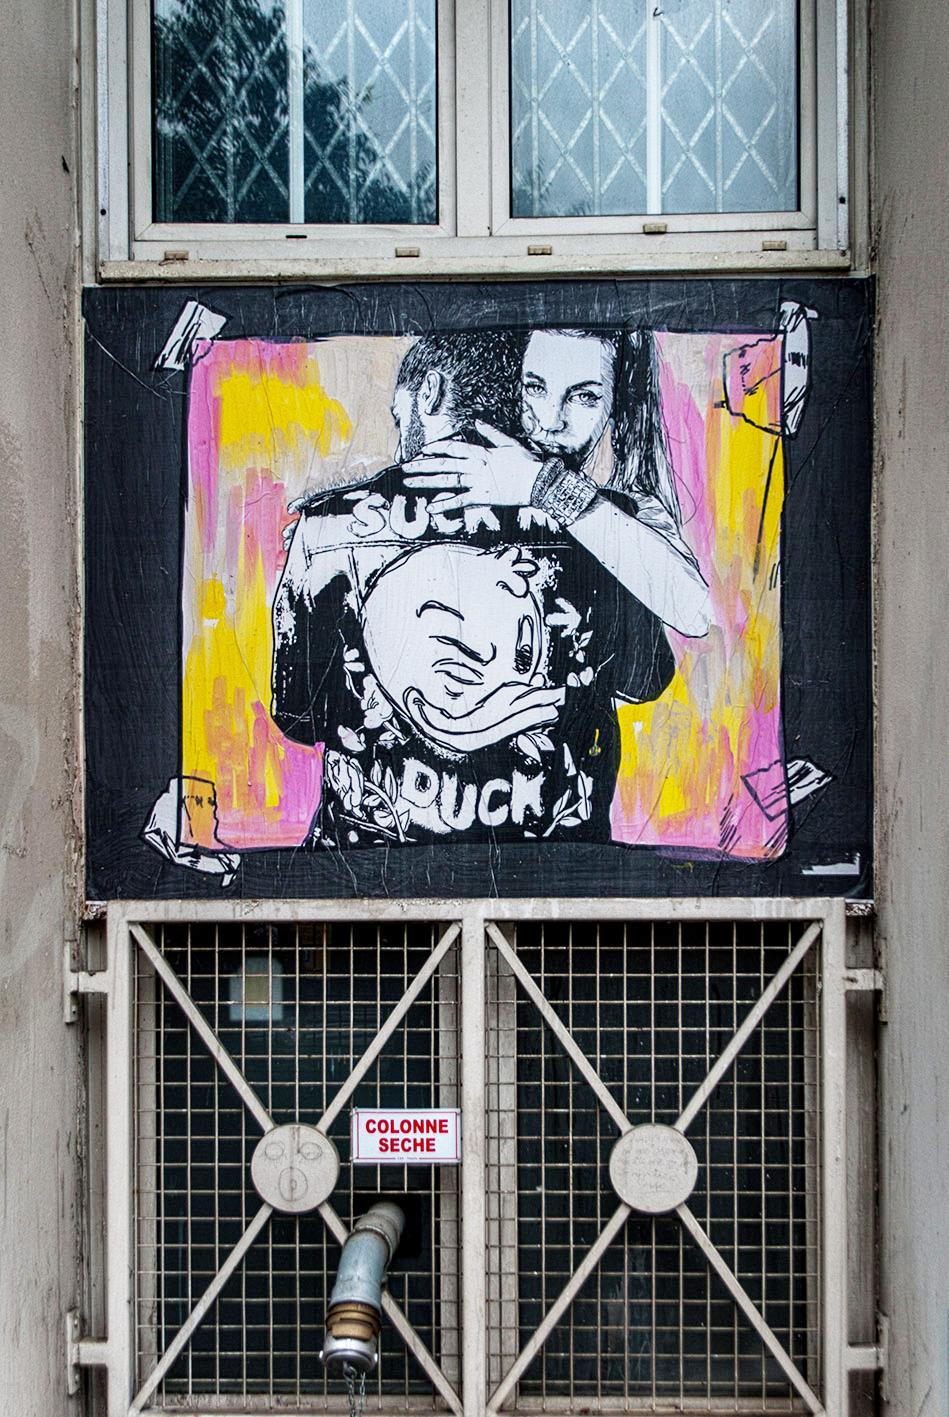 arte urbano Combo CK en Francia